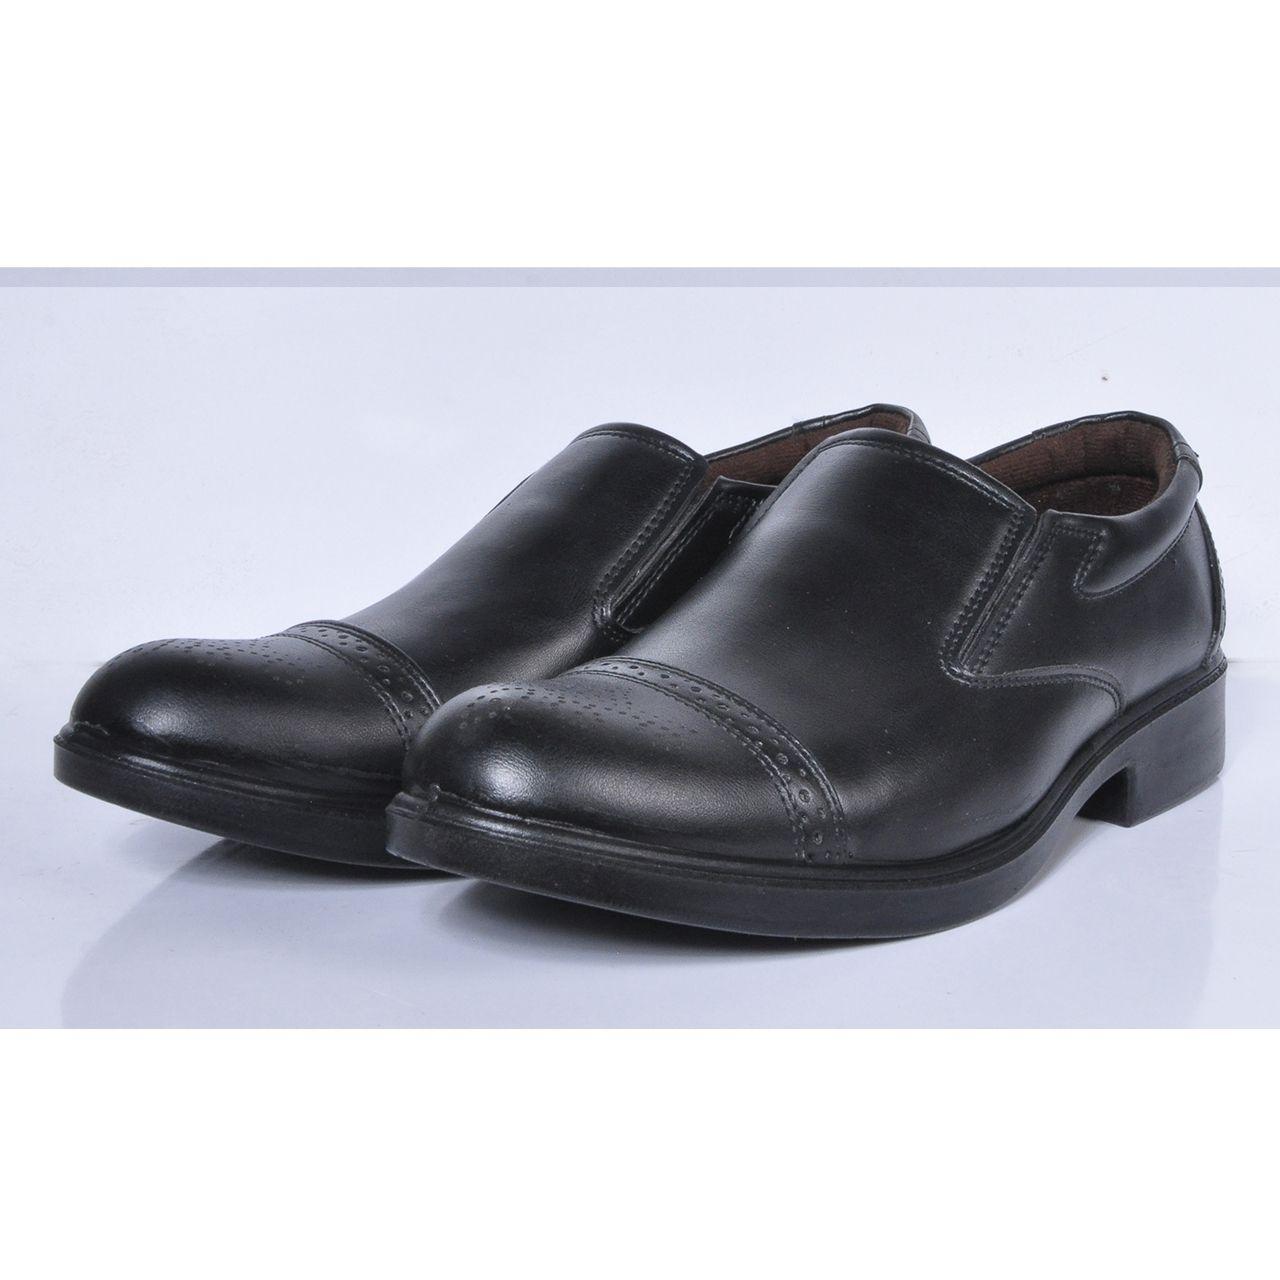 کفش مردانه مدل m289m -  - 2